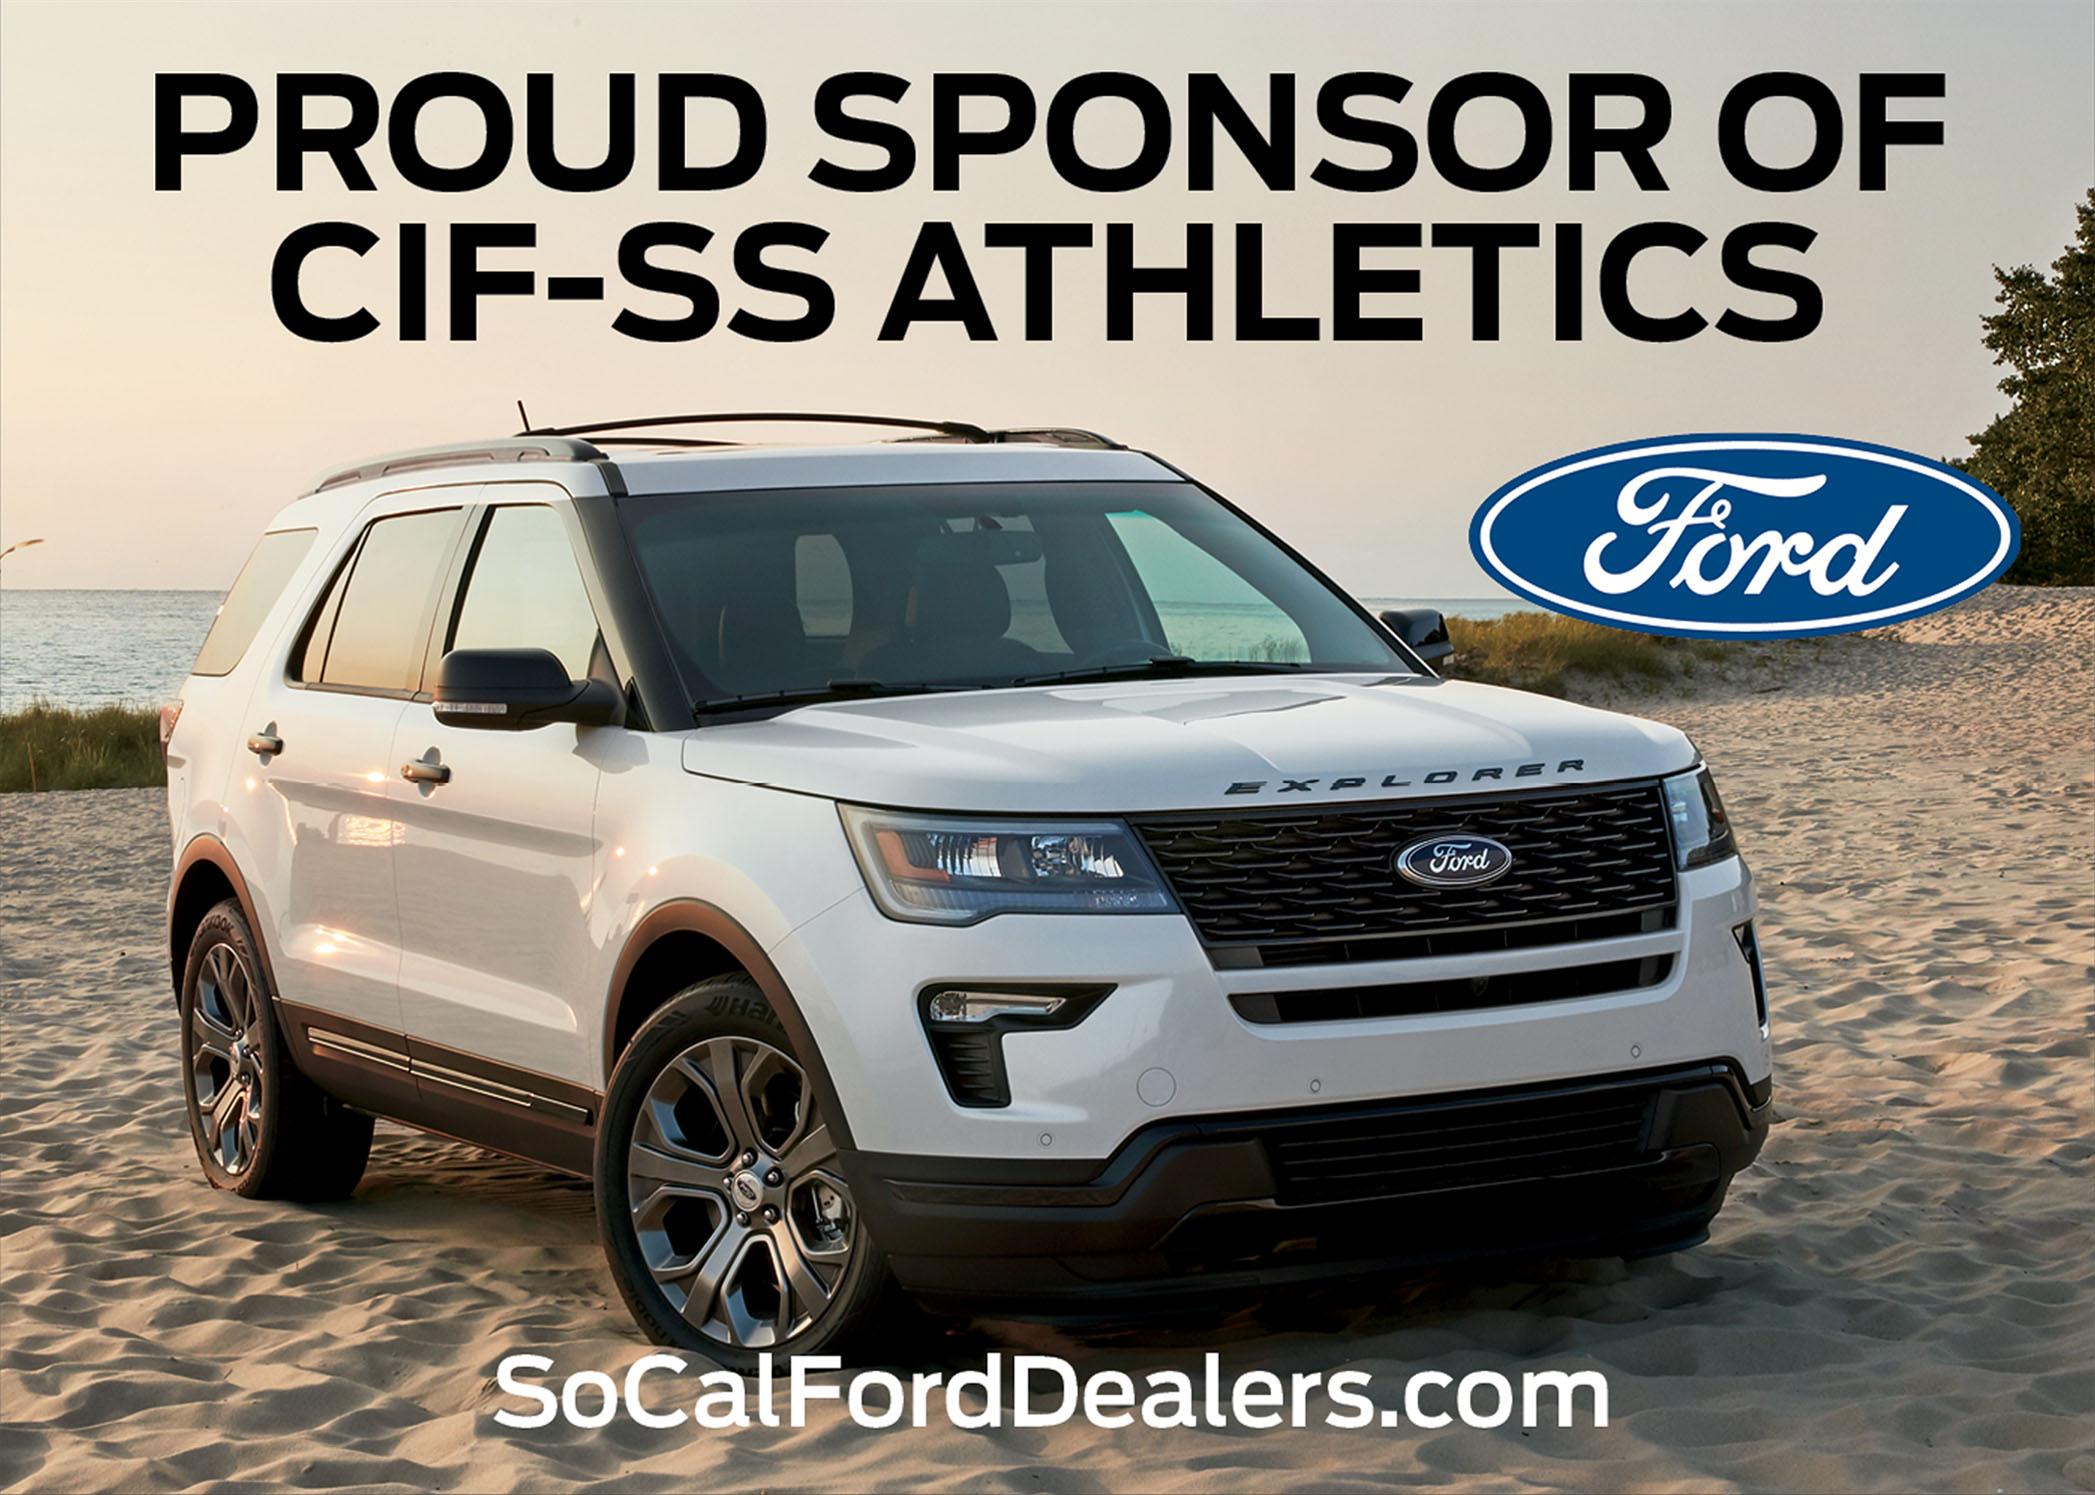 FPLA2270000 - Ford CIF 2018 Billboard Logo  copy copy